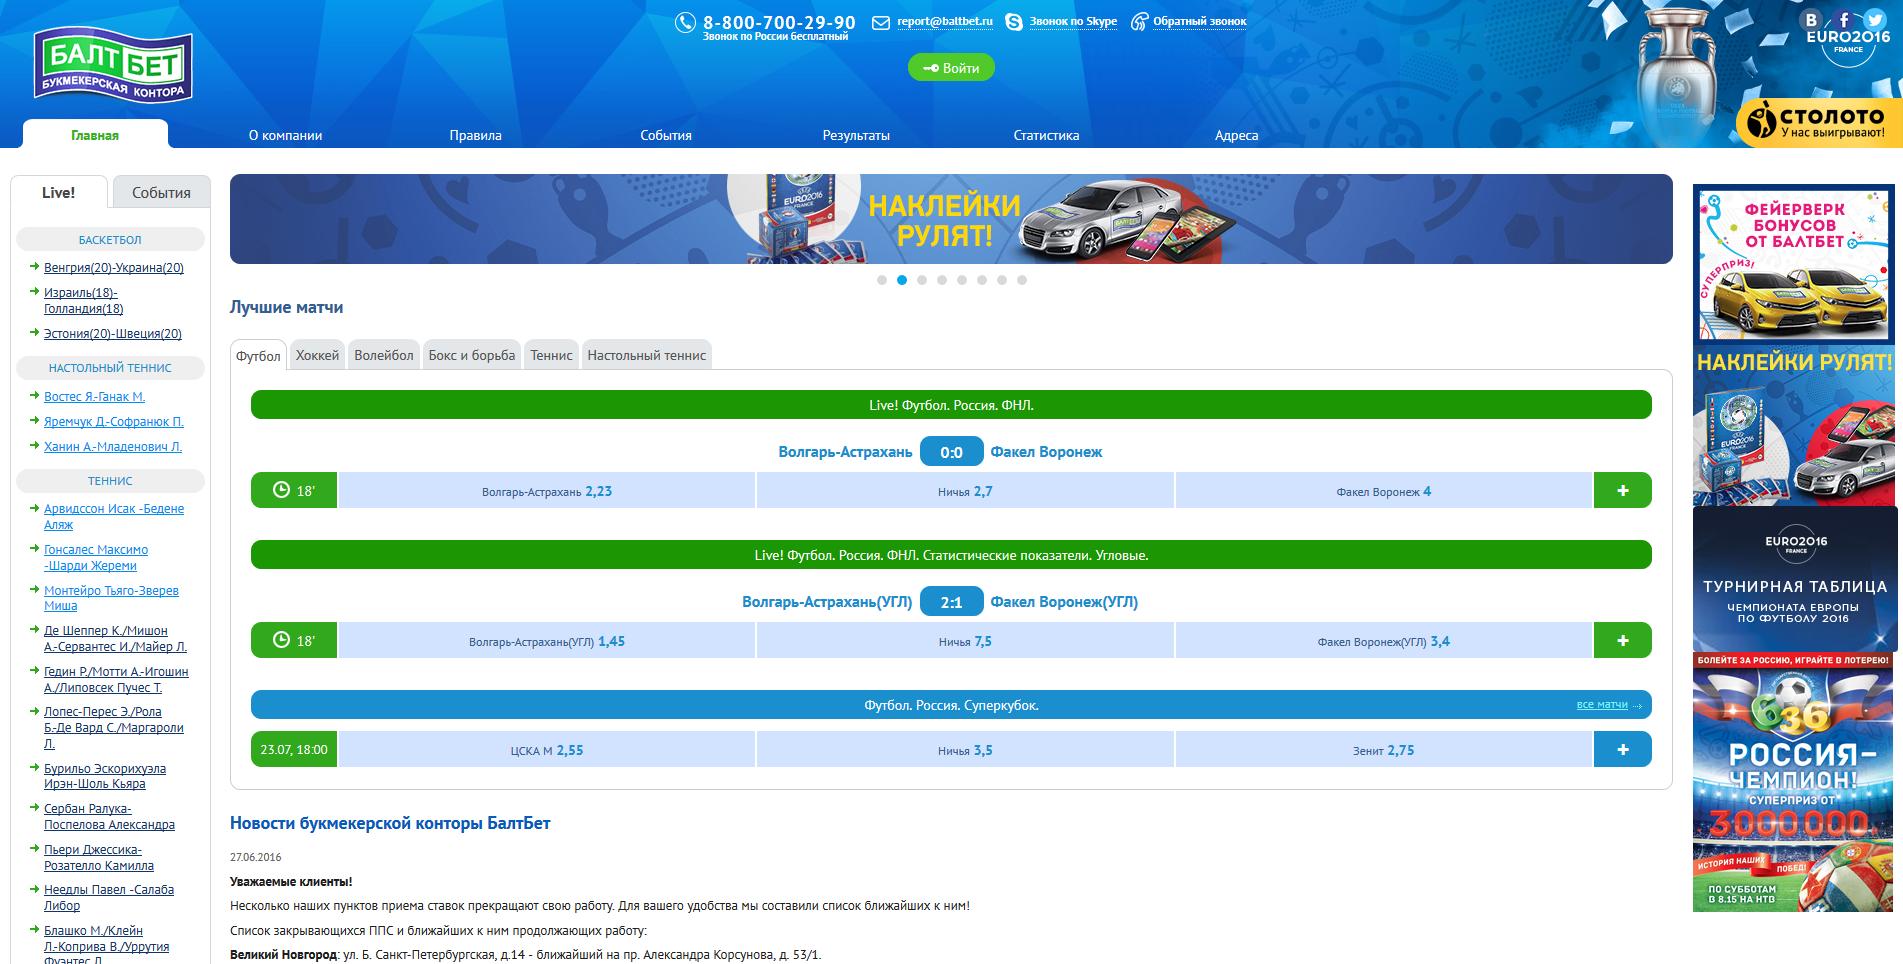 Балтбет Букмекерская Контора Официальный Сайт Регистрация Ставки